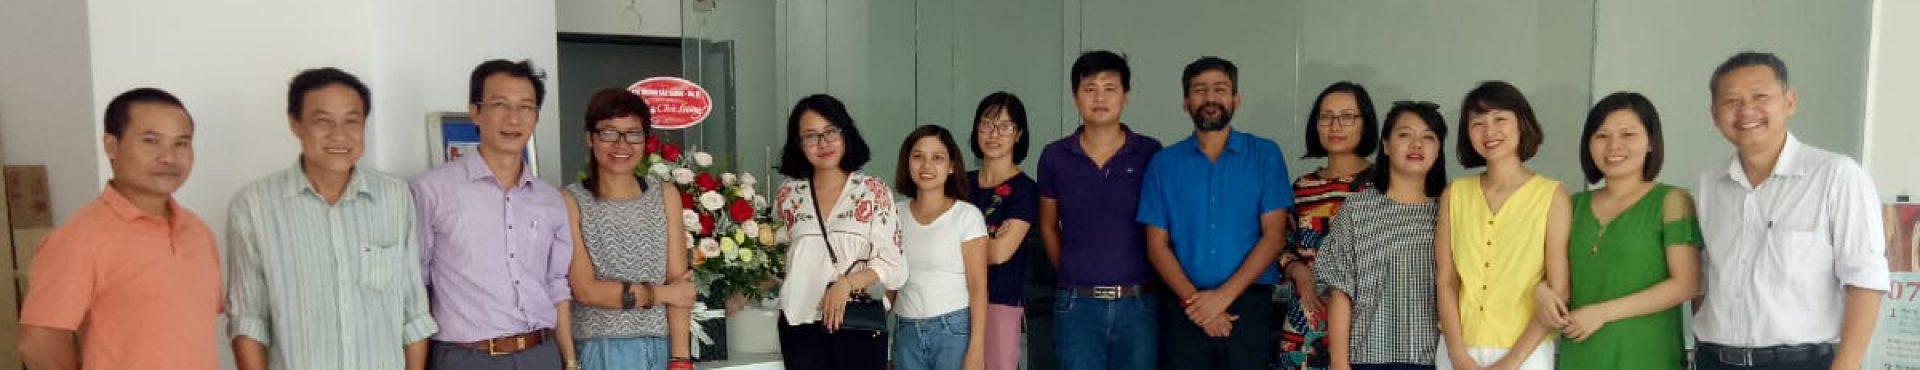 Tuyển dụng Cán bộ Hành chính Thủ quỹ tại Hà Nội